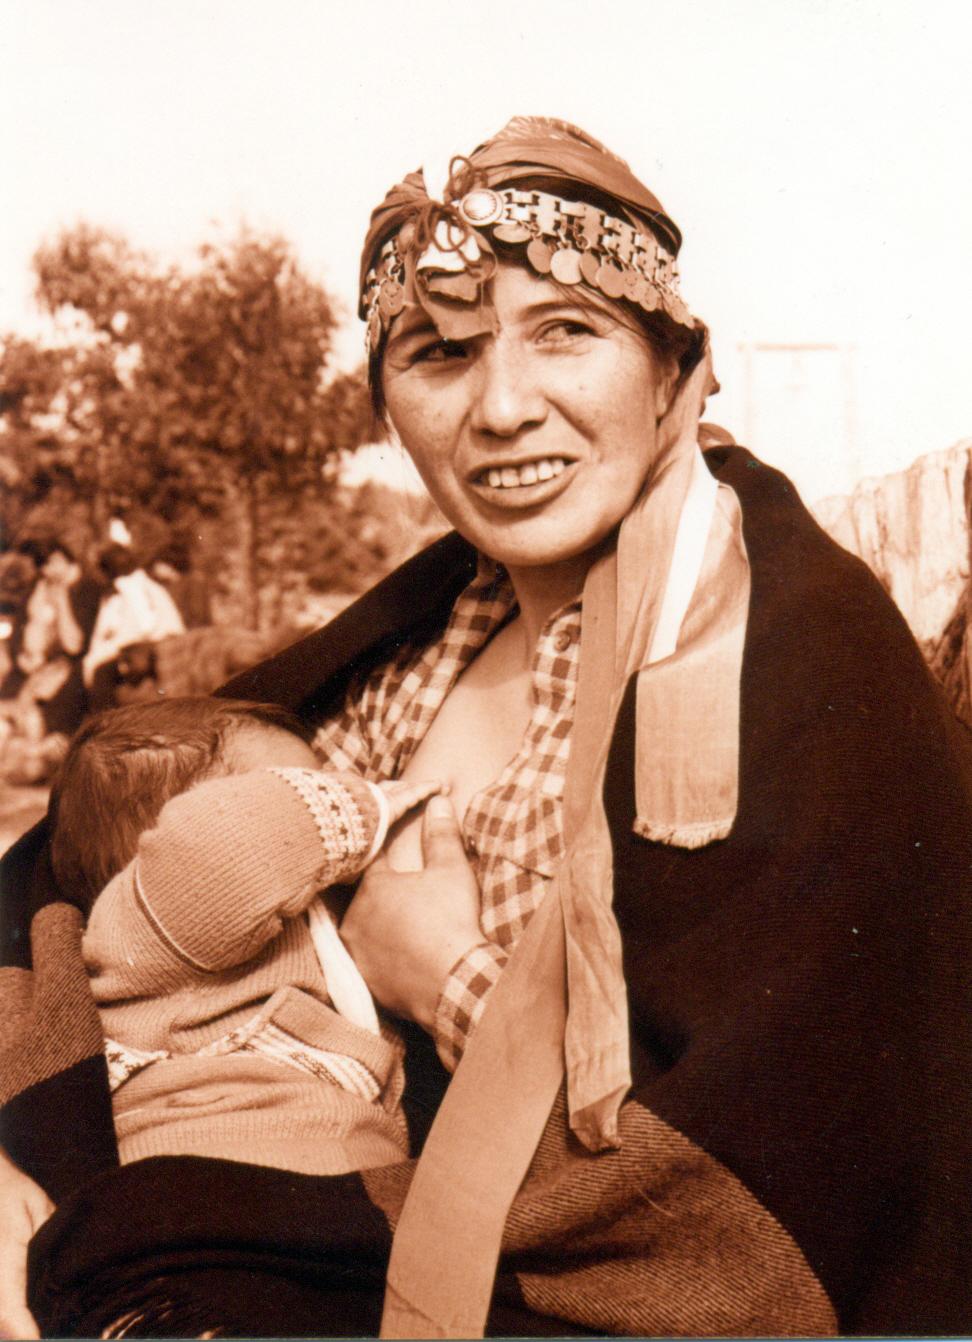 El censo de reducciones de 1988 indicó que por cada 100 mujeres existían 109 hombres. Fotografía de Nelson Muñoz Mera.